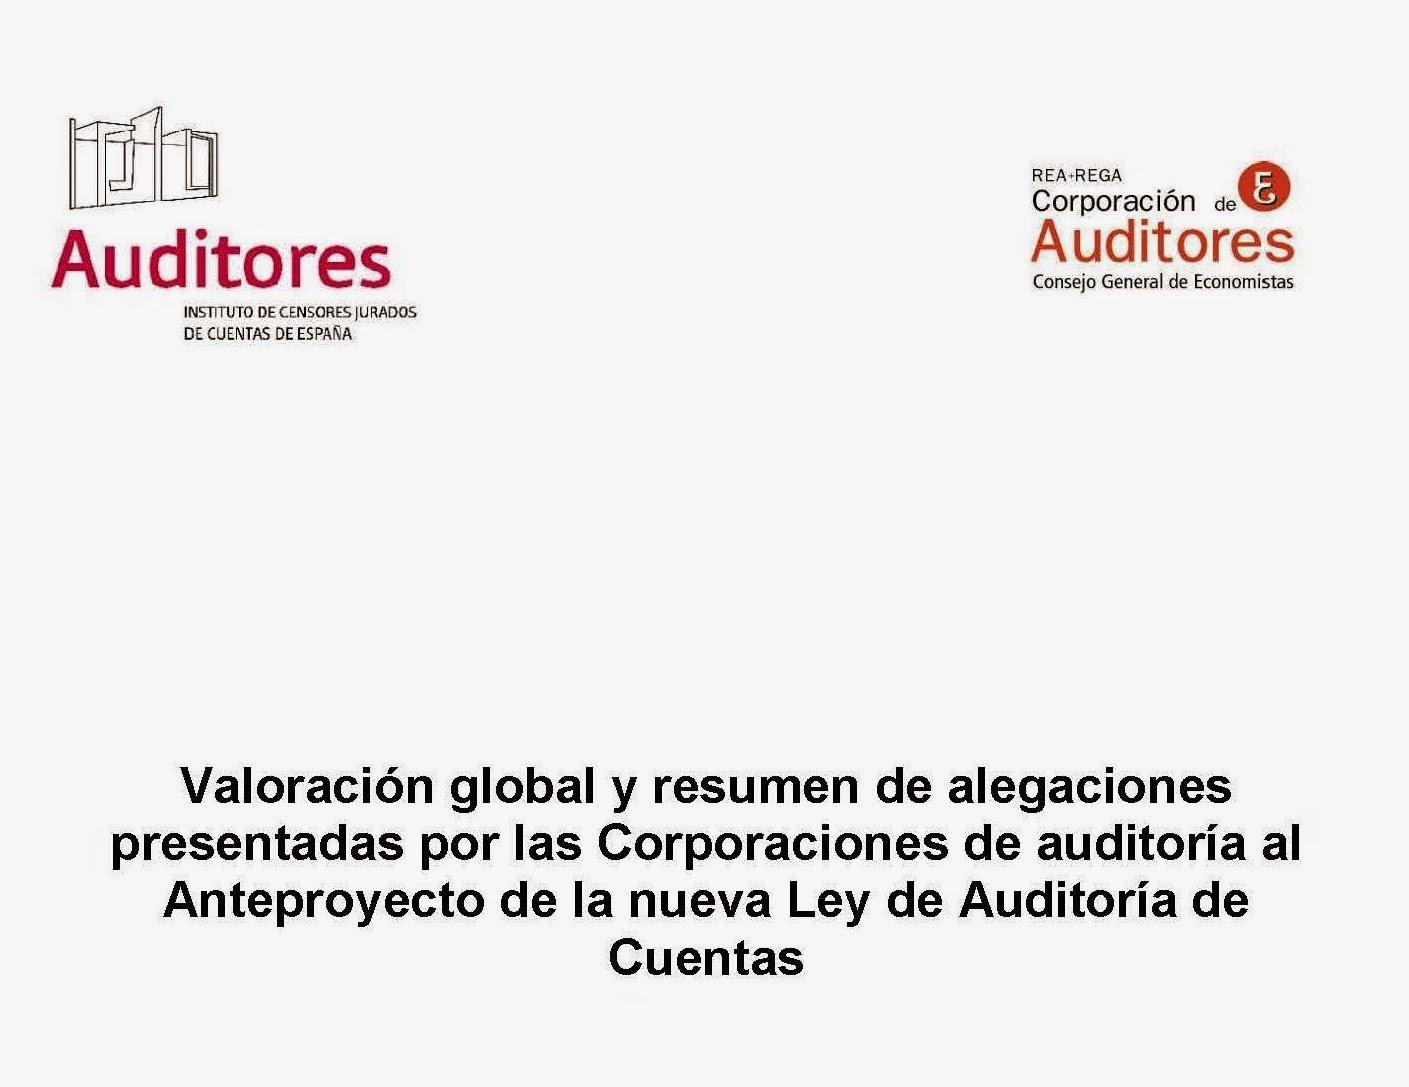 Anteproyecto Ley Auditoría de Cuentas ALAC alegaciones corporaciones